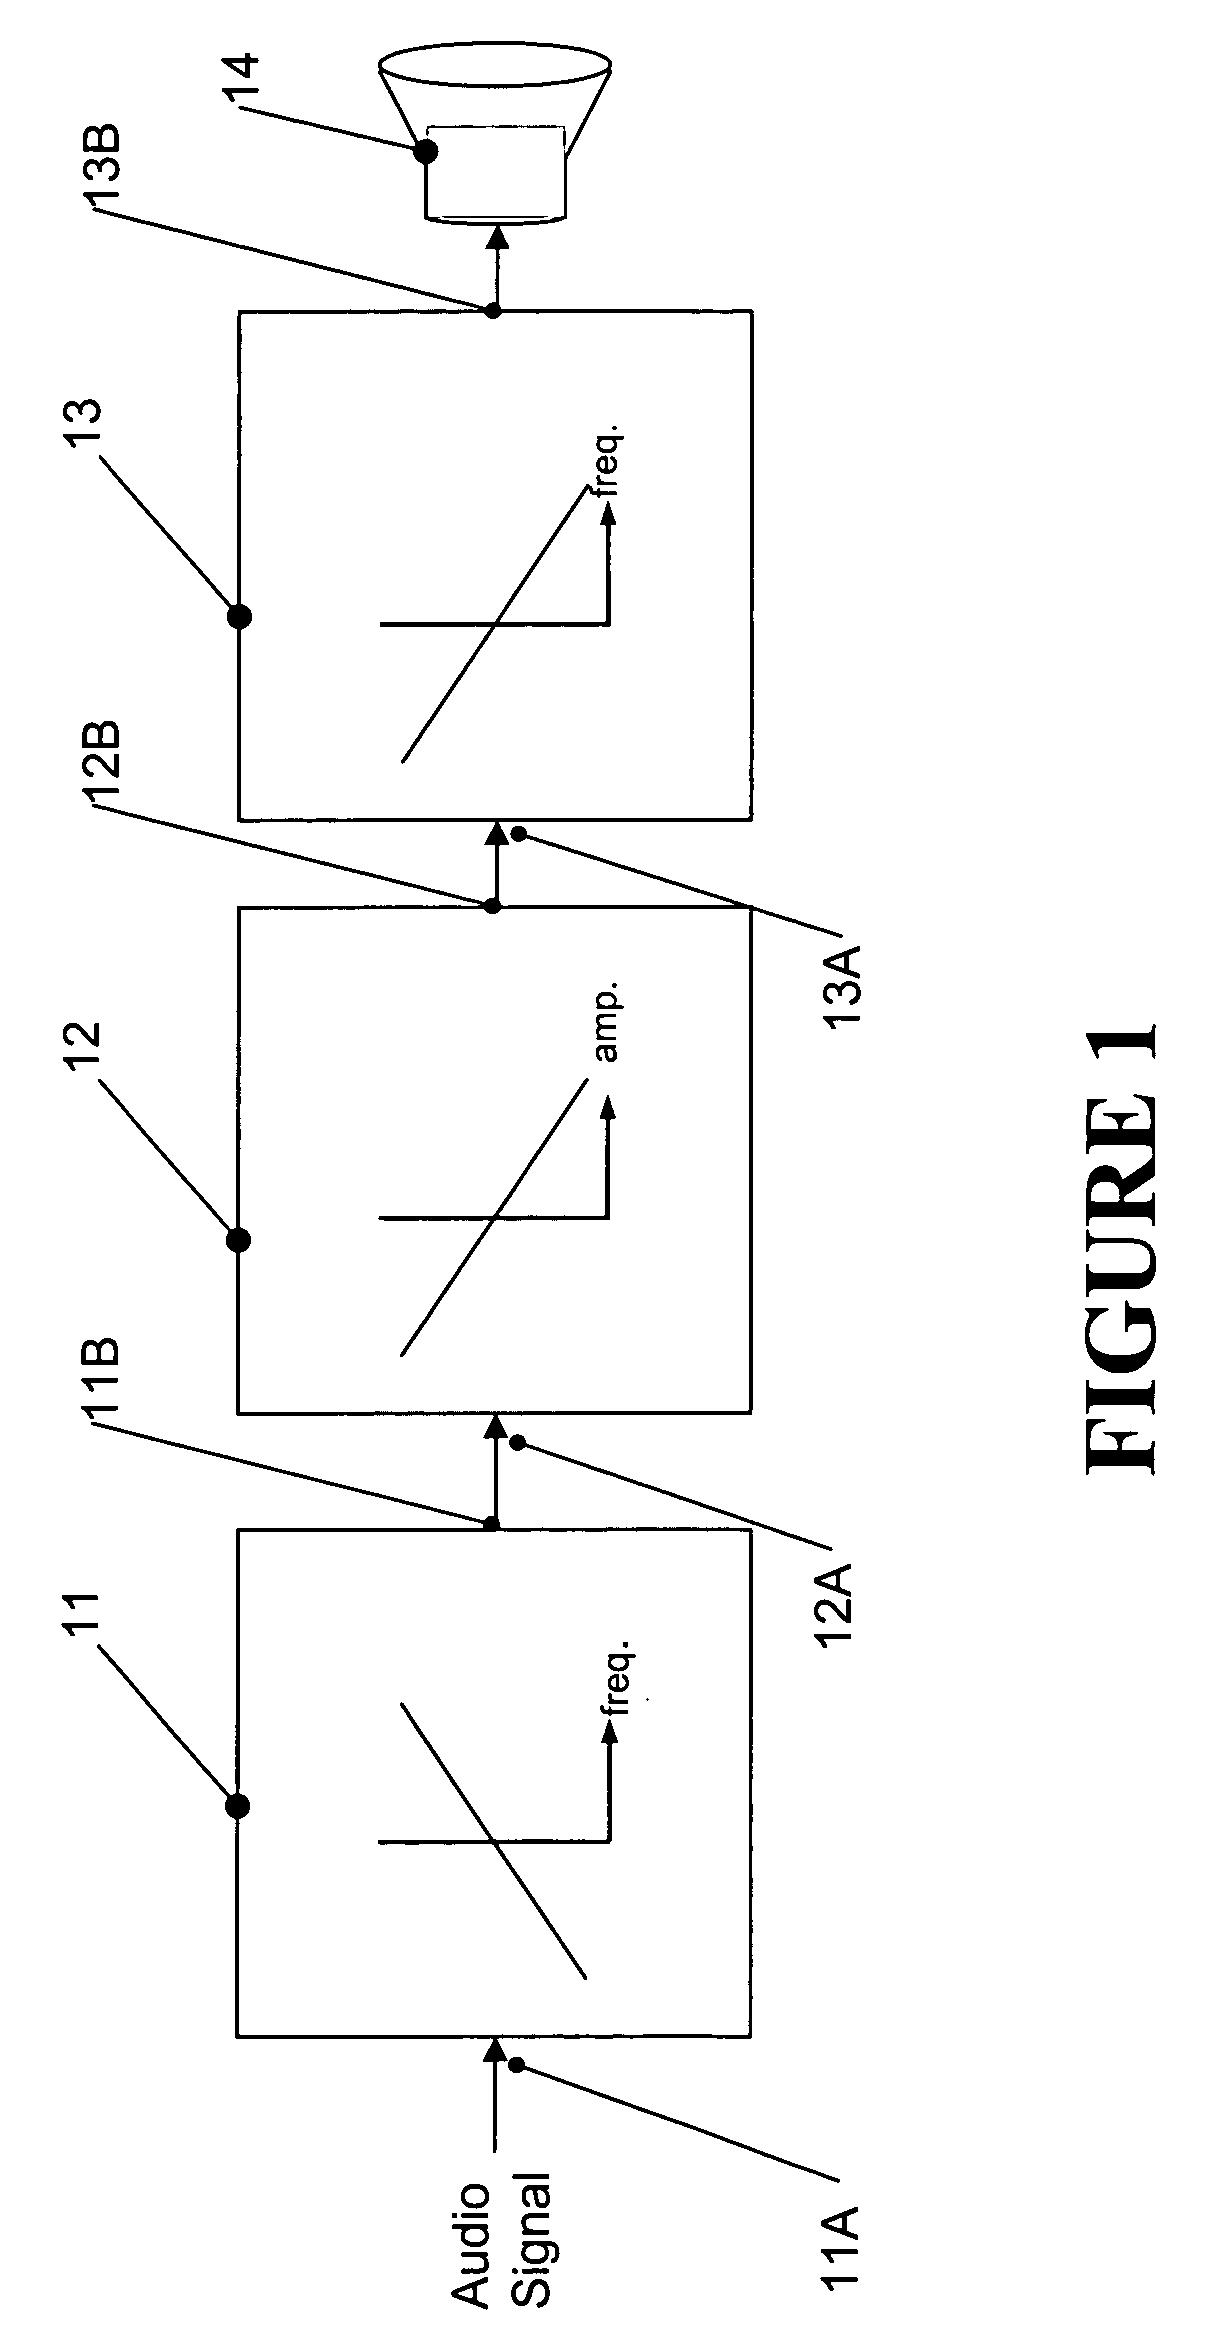 patent us7254243